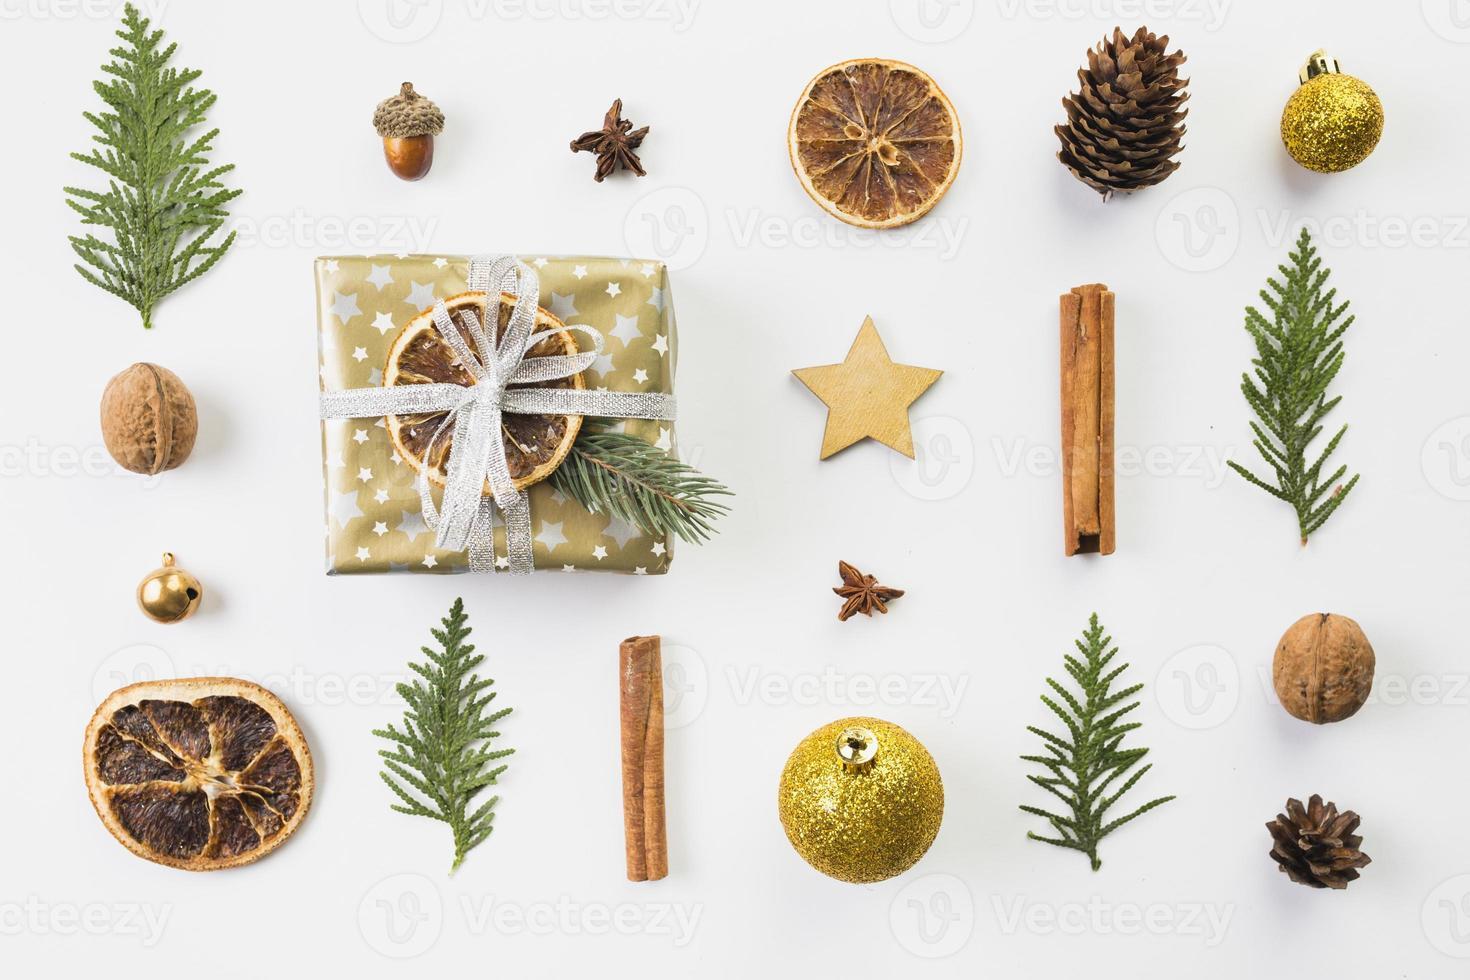 uppsättning av olika juldekorationer foto